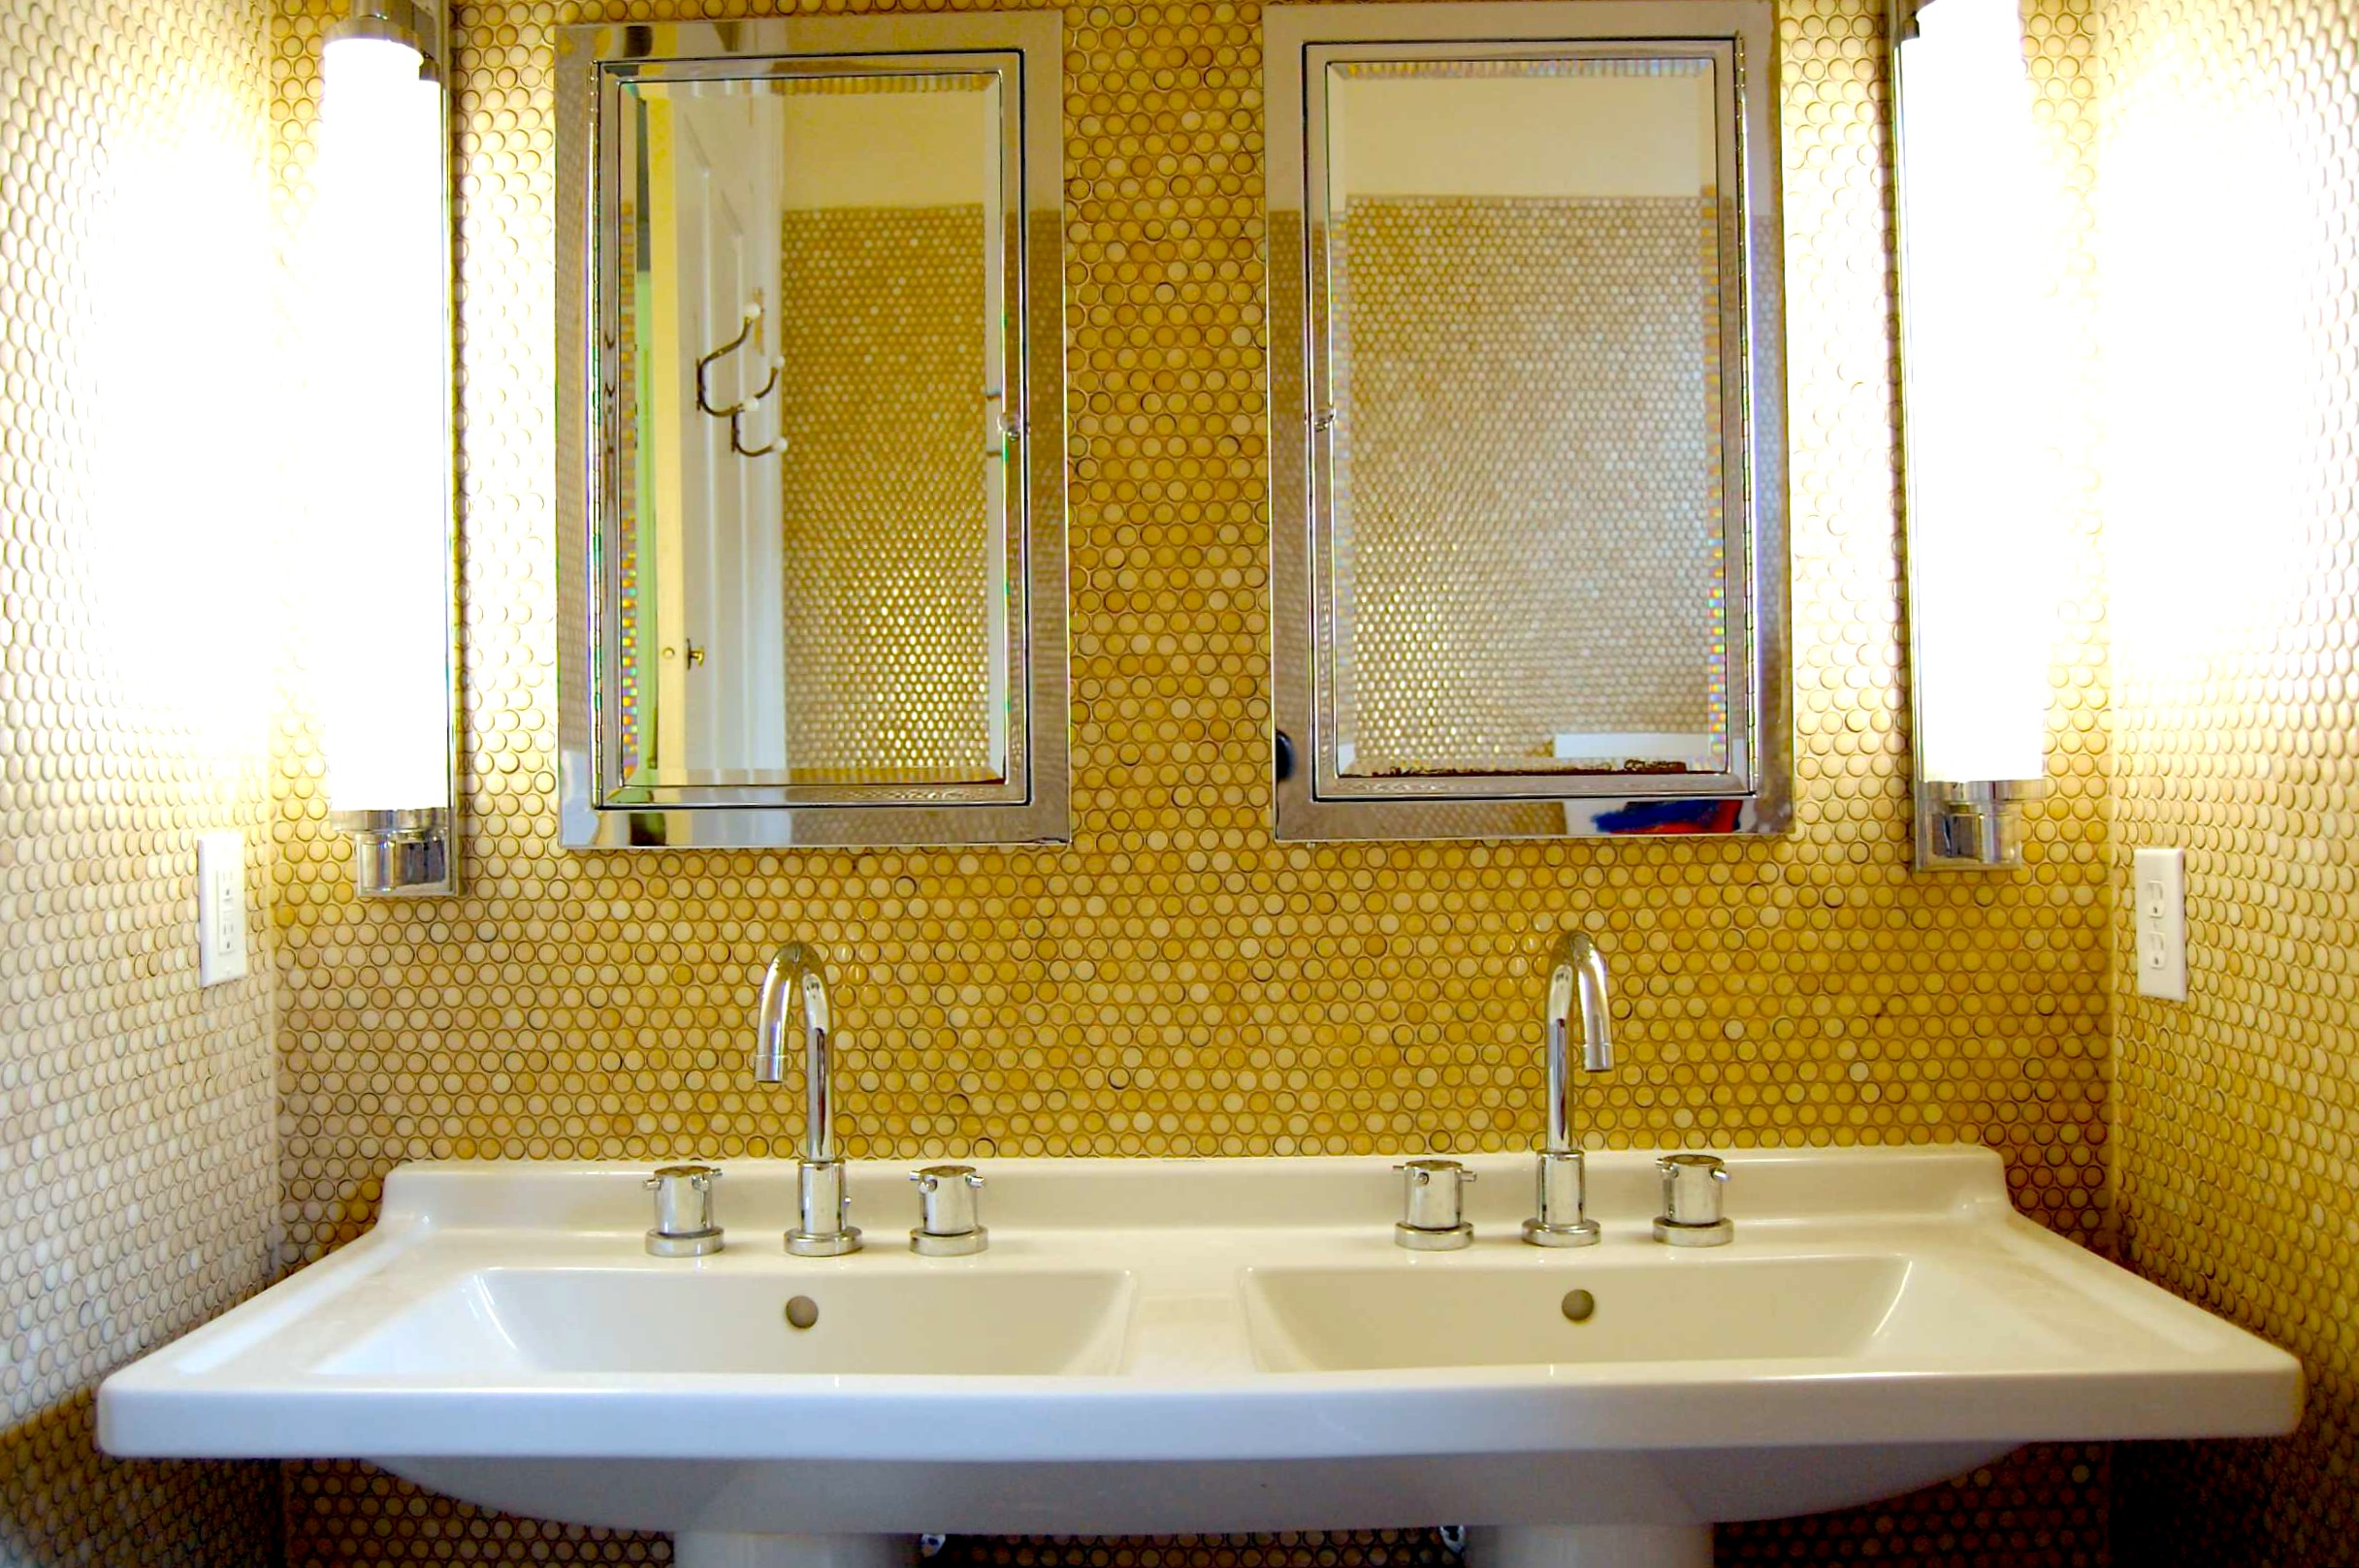 Круглая мозаика в ванной желтого цвета